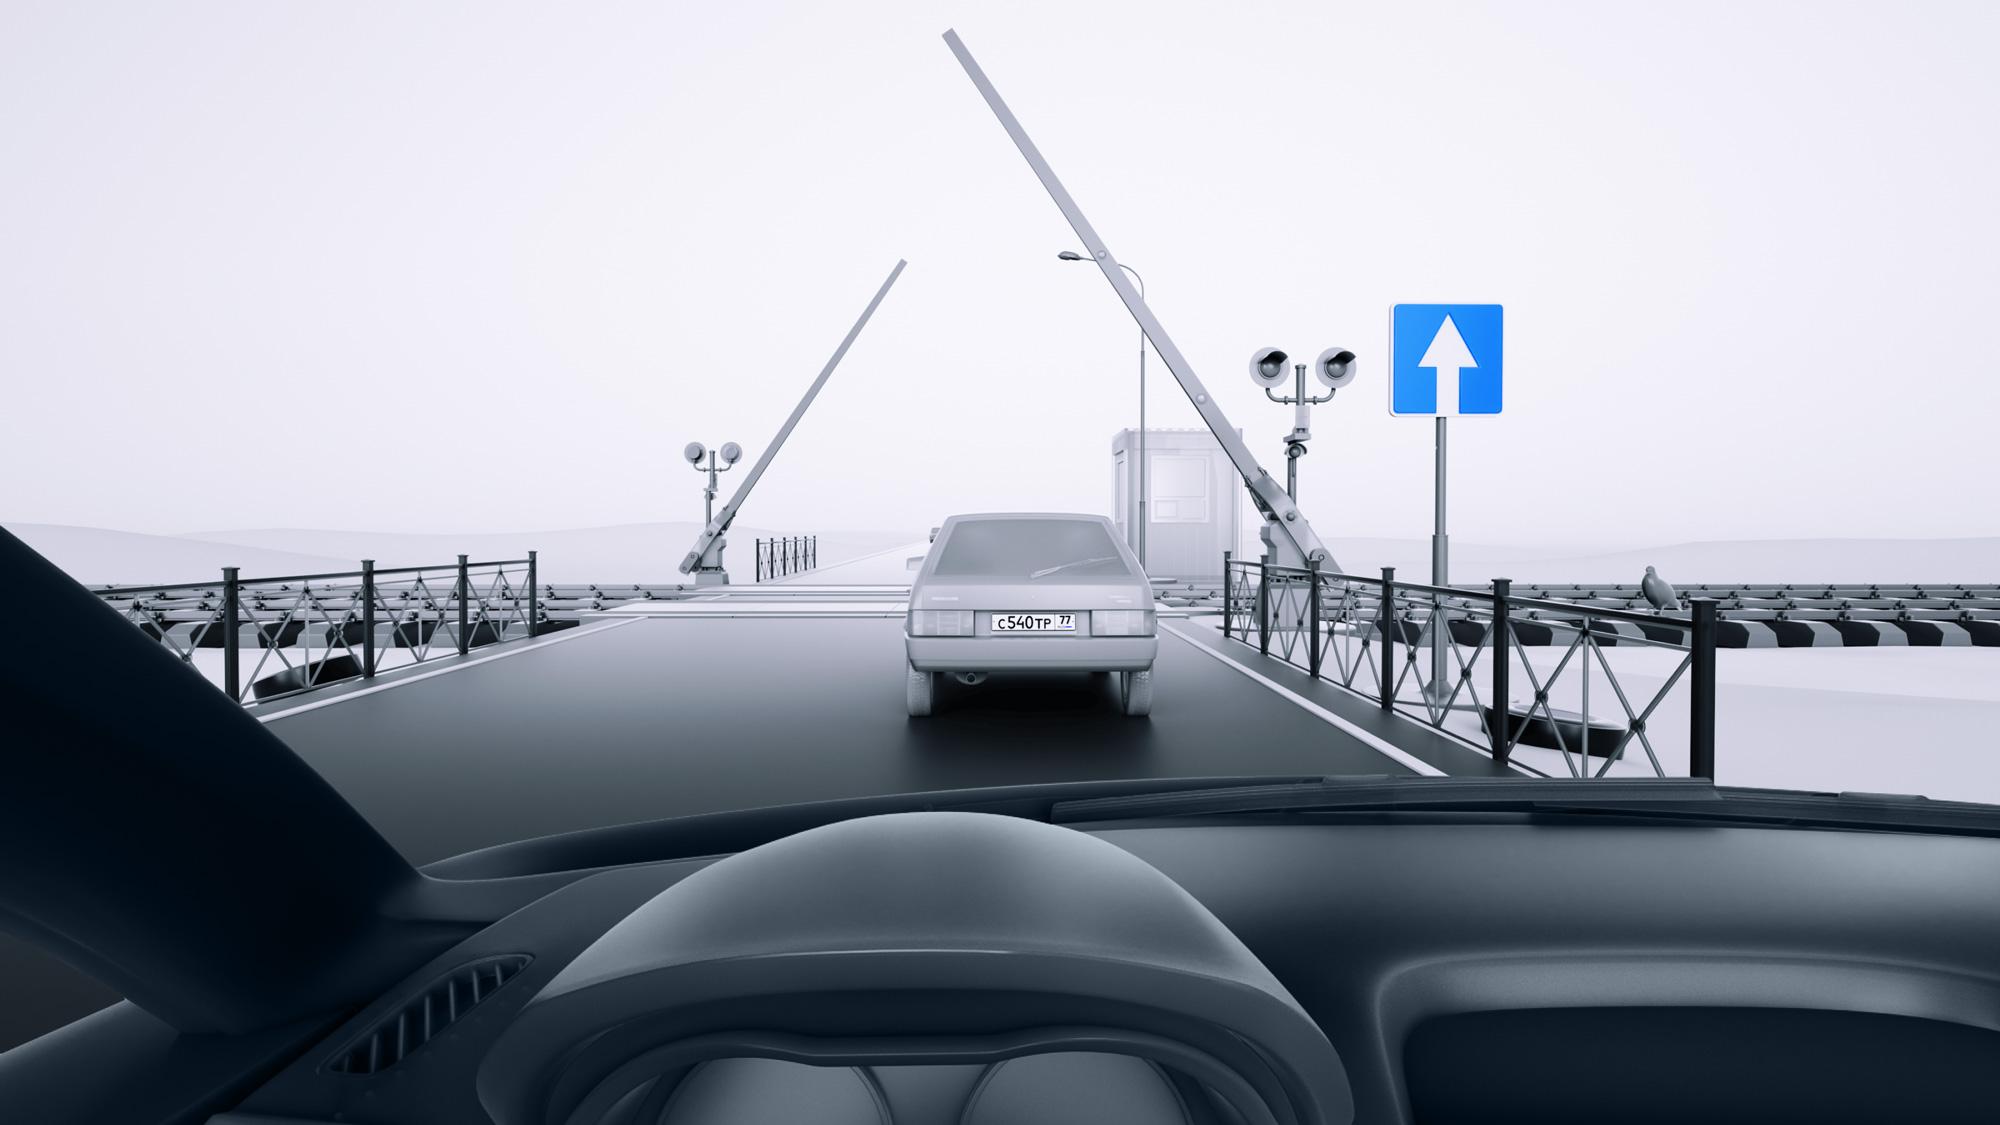 Можно обогнать машину перед переездом илинет: хитрая задача назнание ПДД